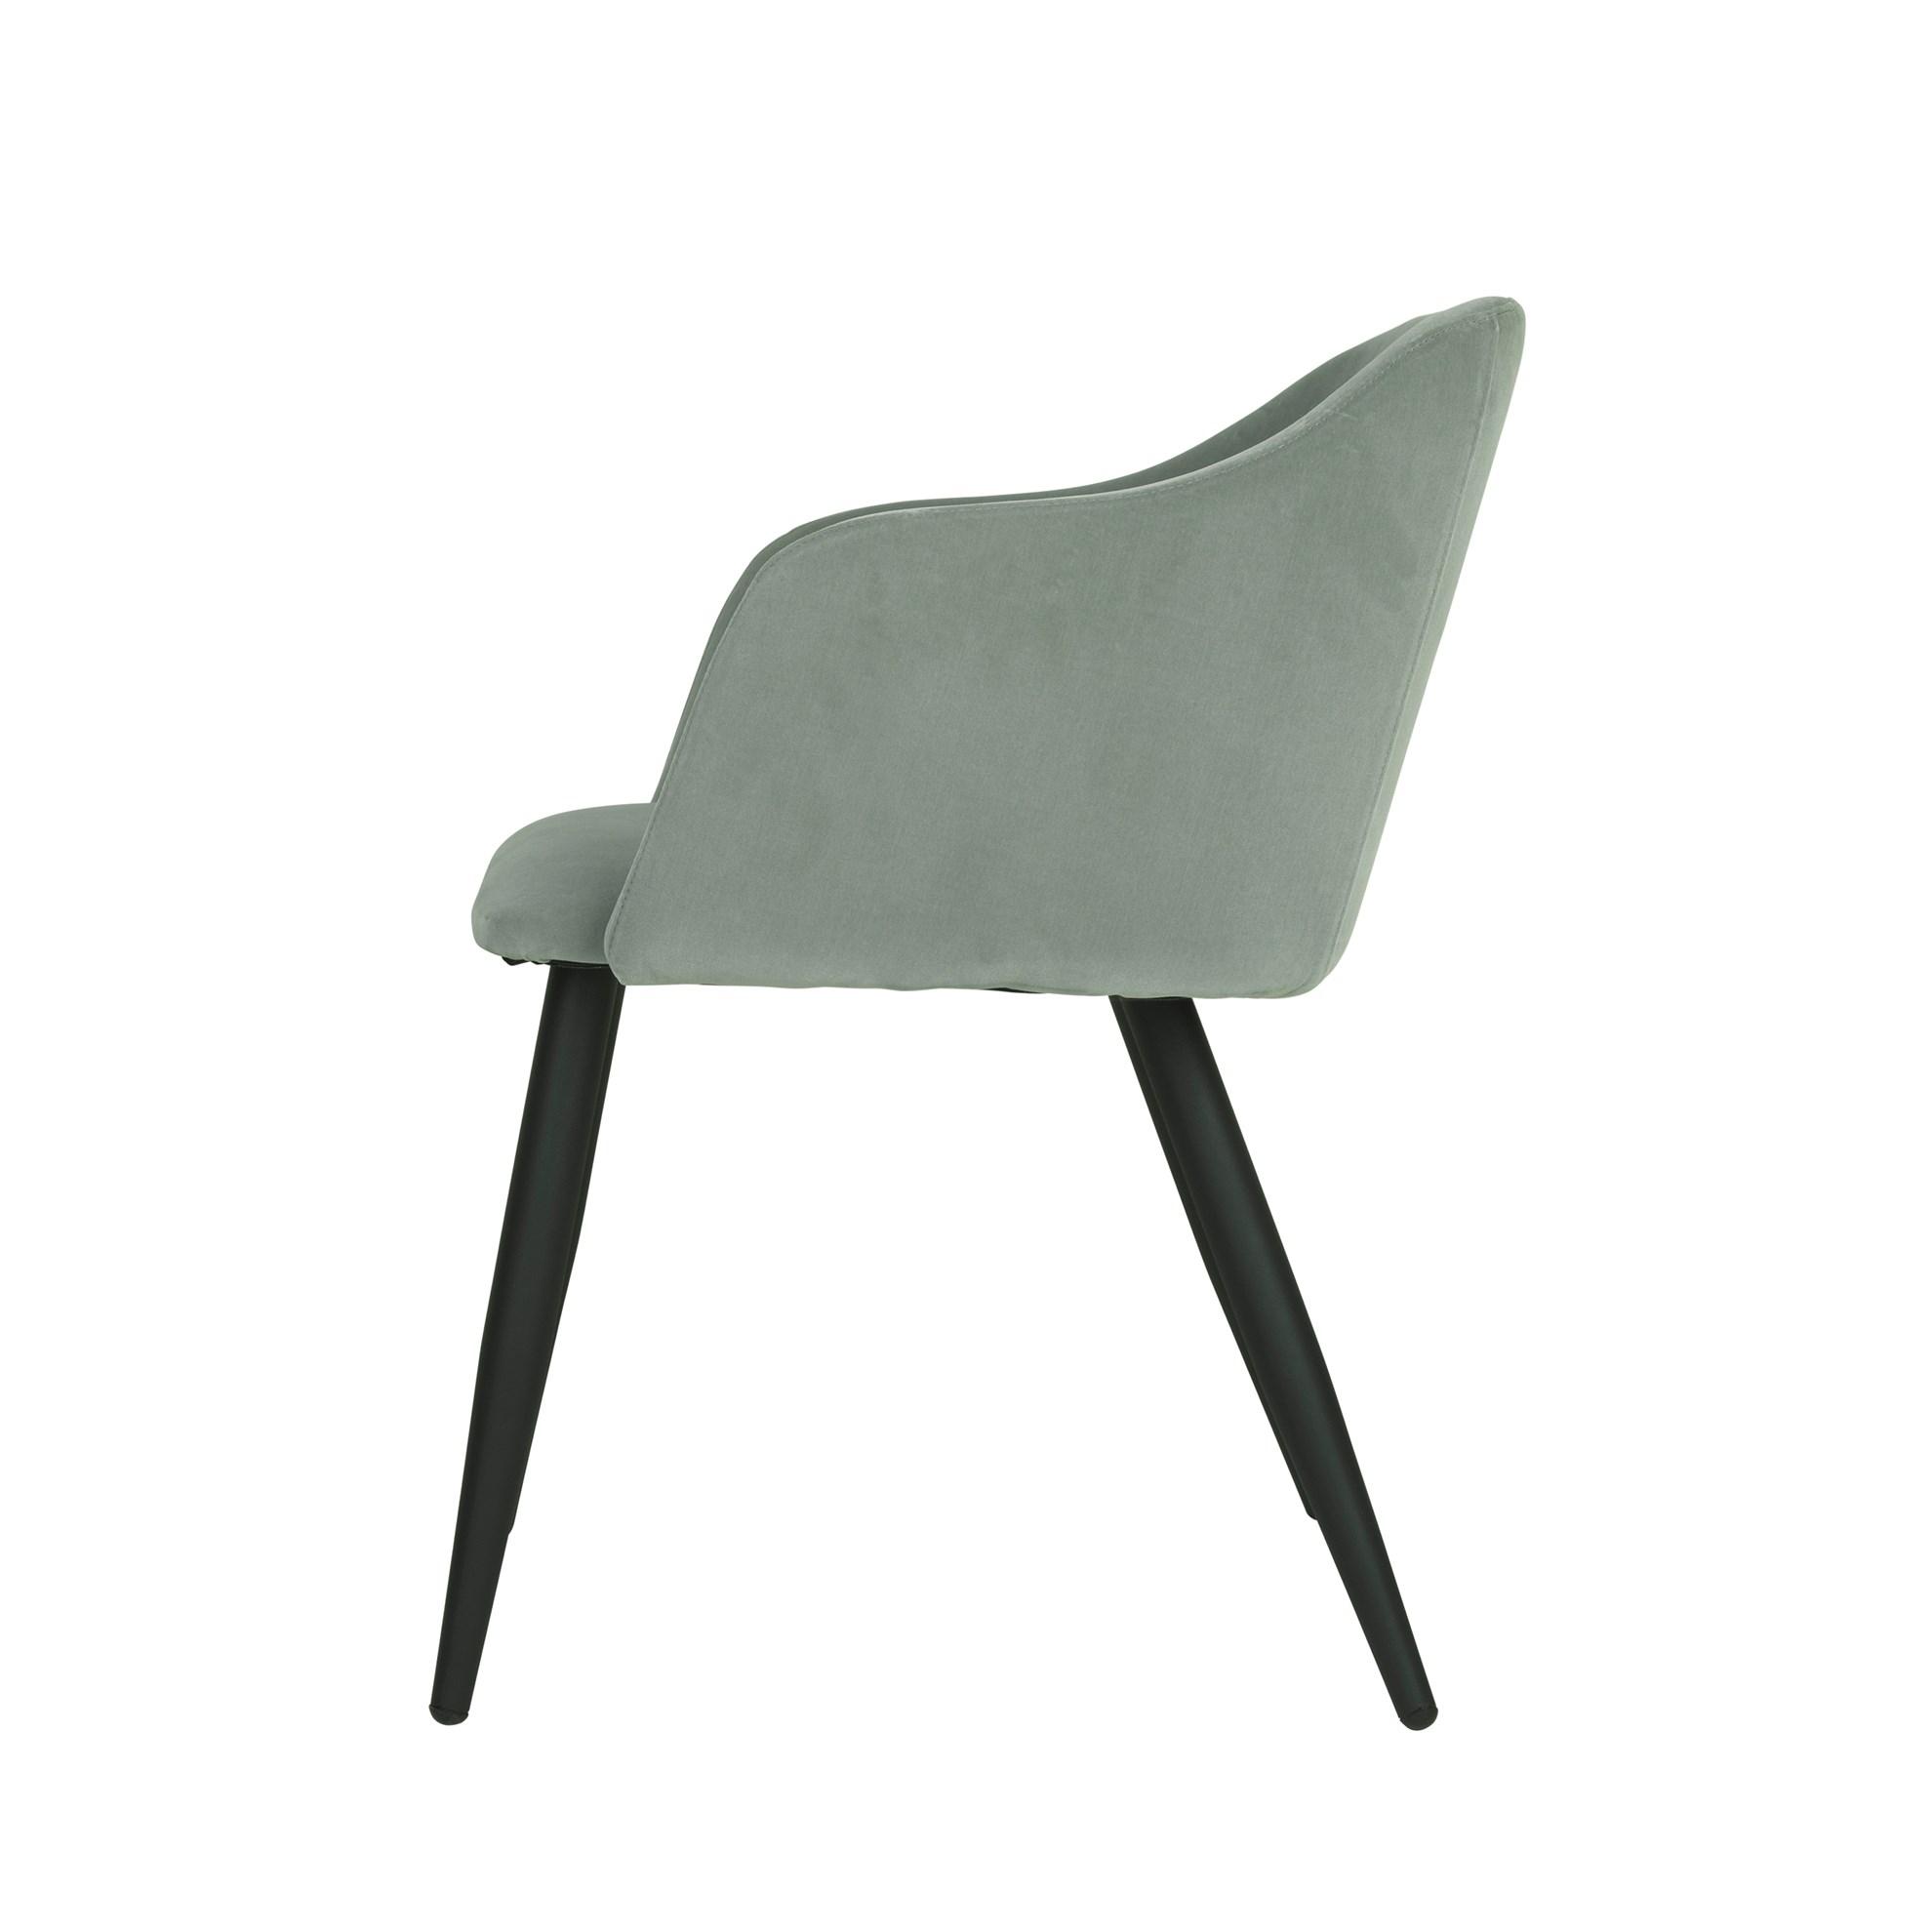 Jídelní židle PERNILLA zelenošedá_2